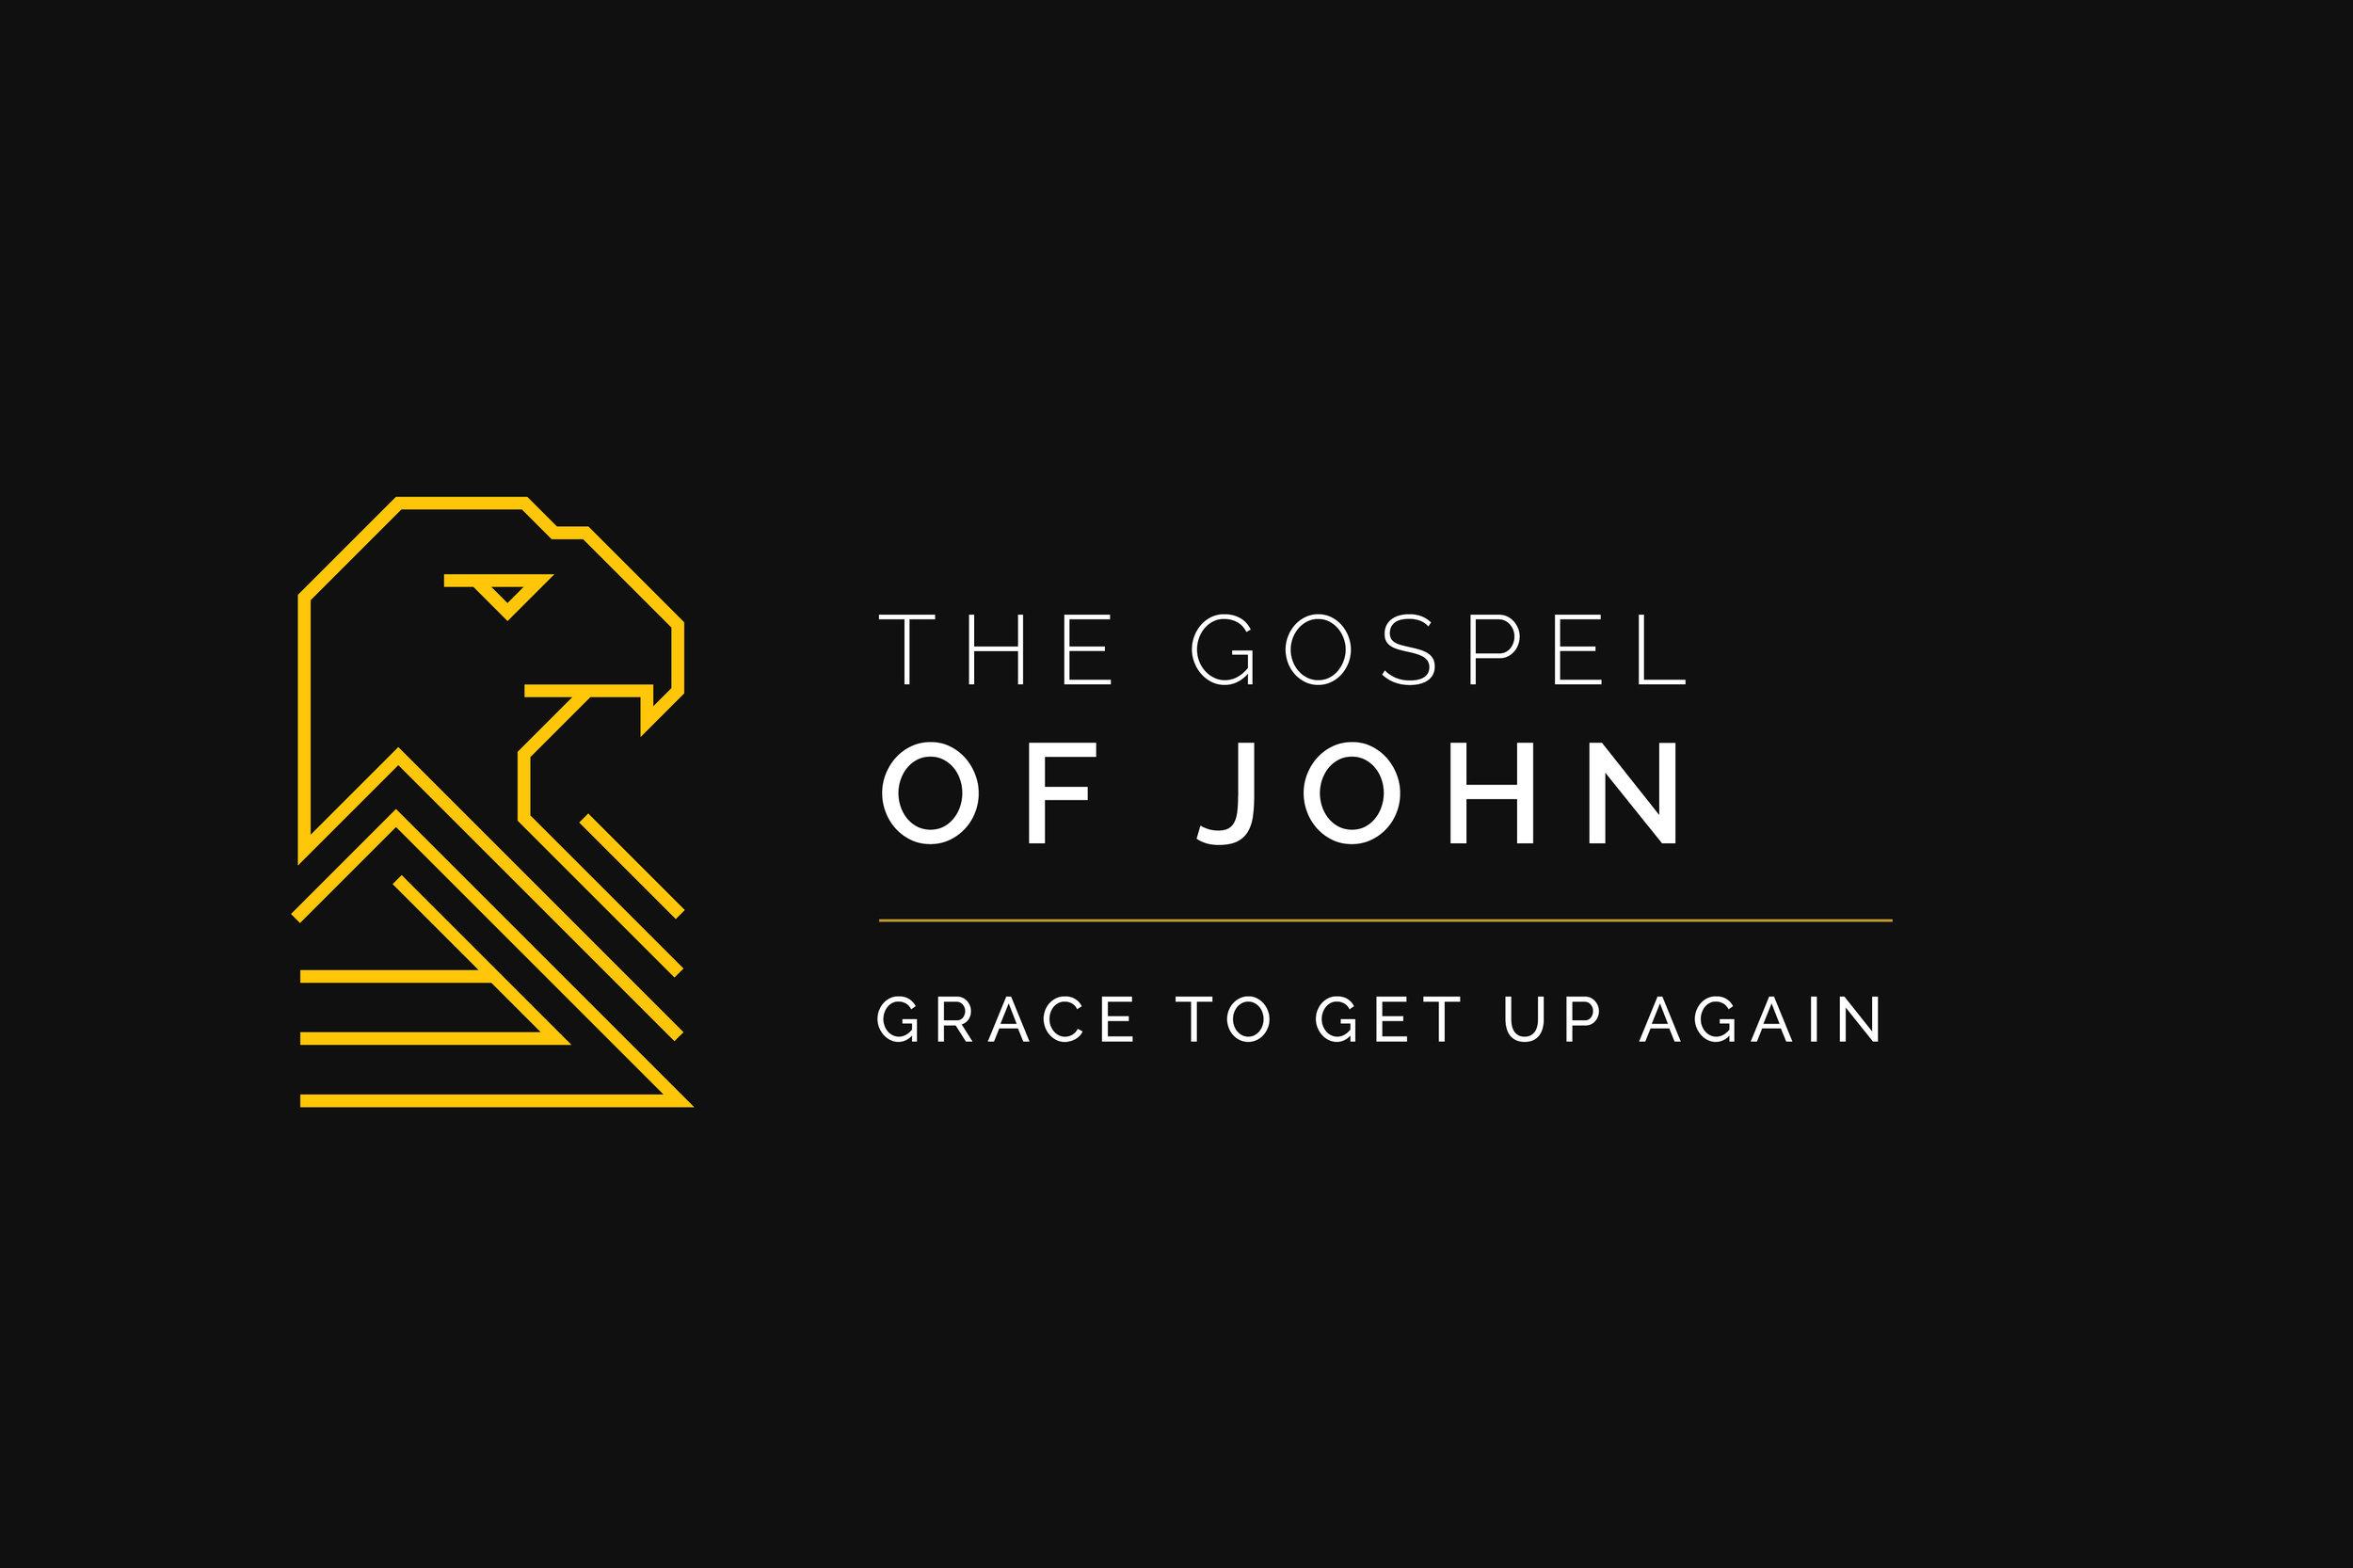 Grace-to-get-up-againt--The-Gospel-of-John.jpg